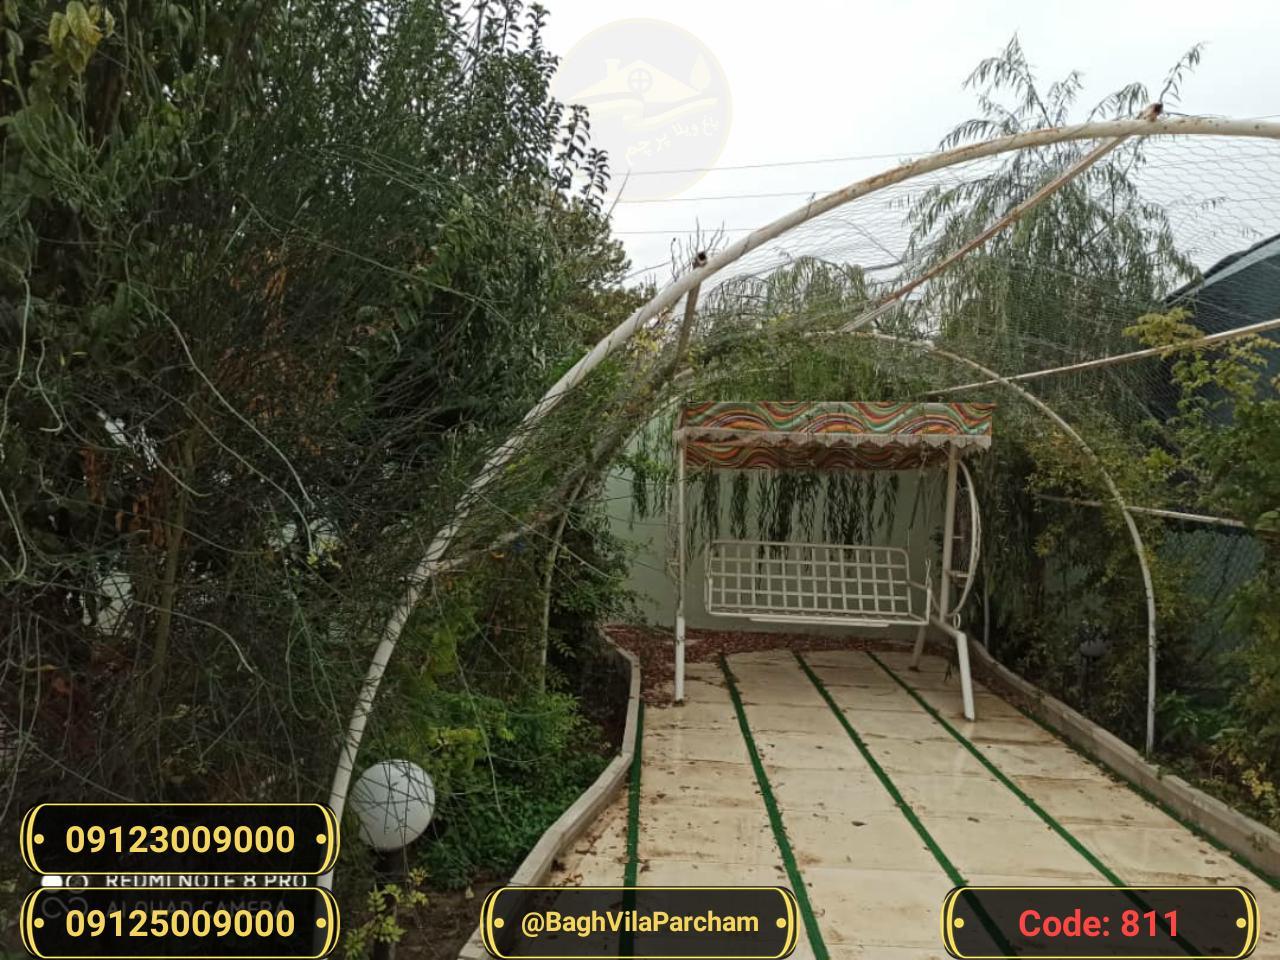 تصویر عکس باغ ویلا شماره 18 از ویلای ۸۰۰ متر ویلا Picture photo image 18 of ۸۰۰ متر ویلا